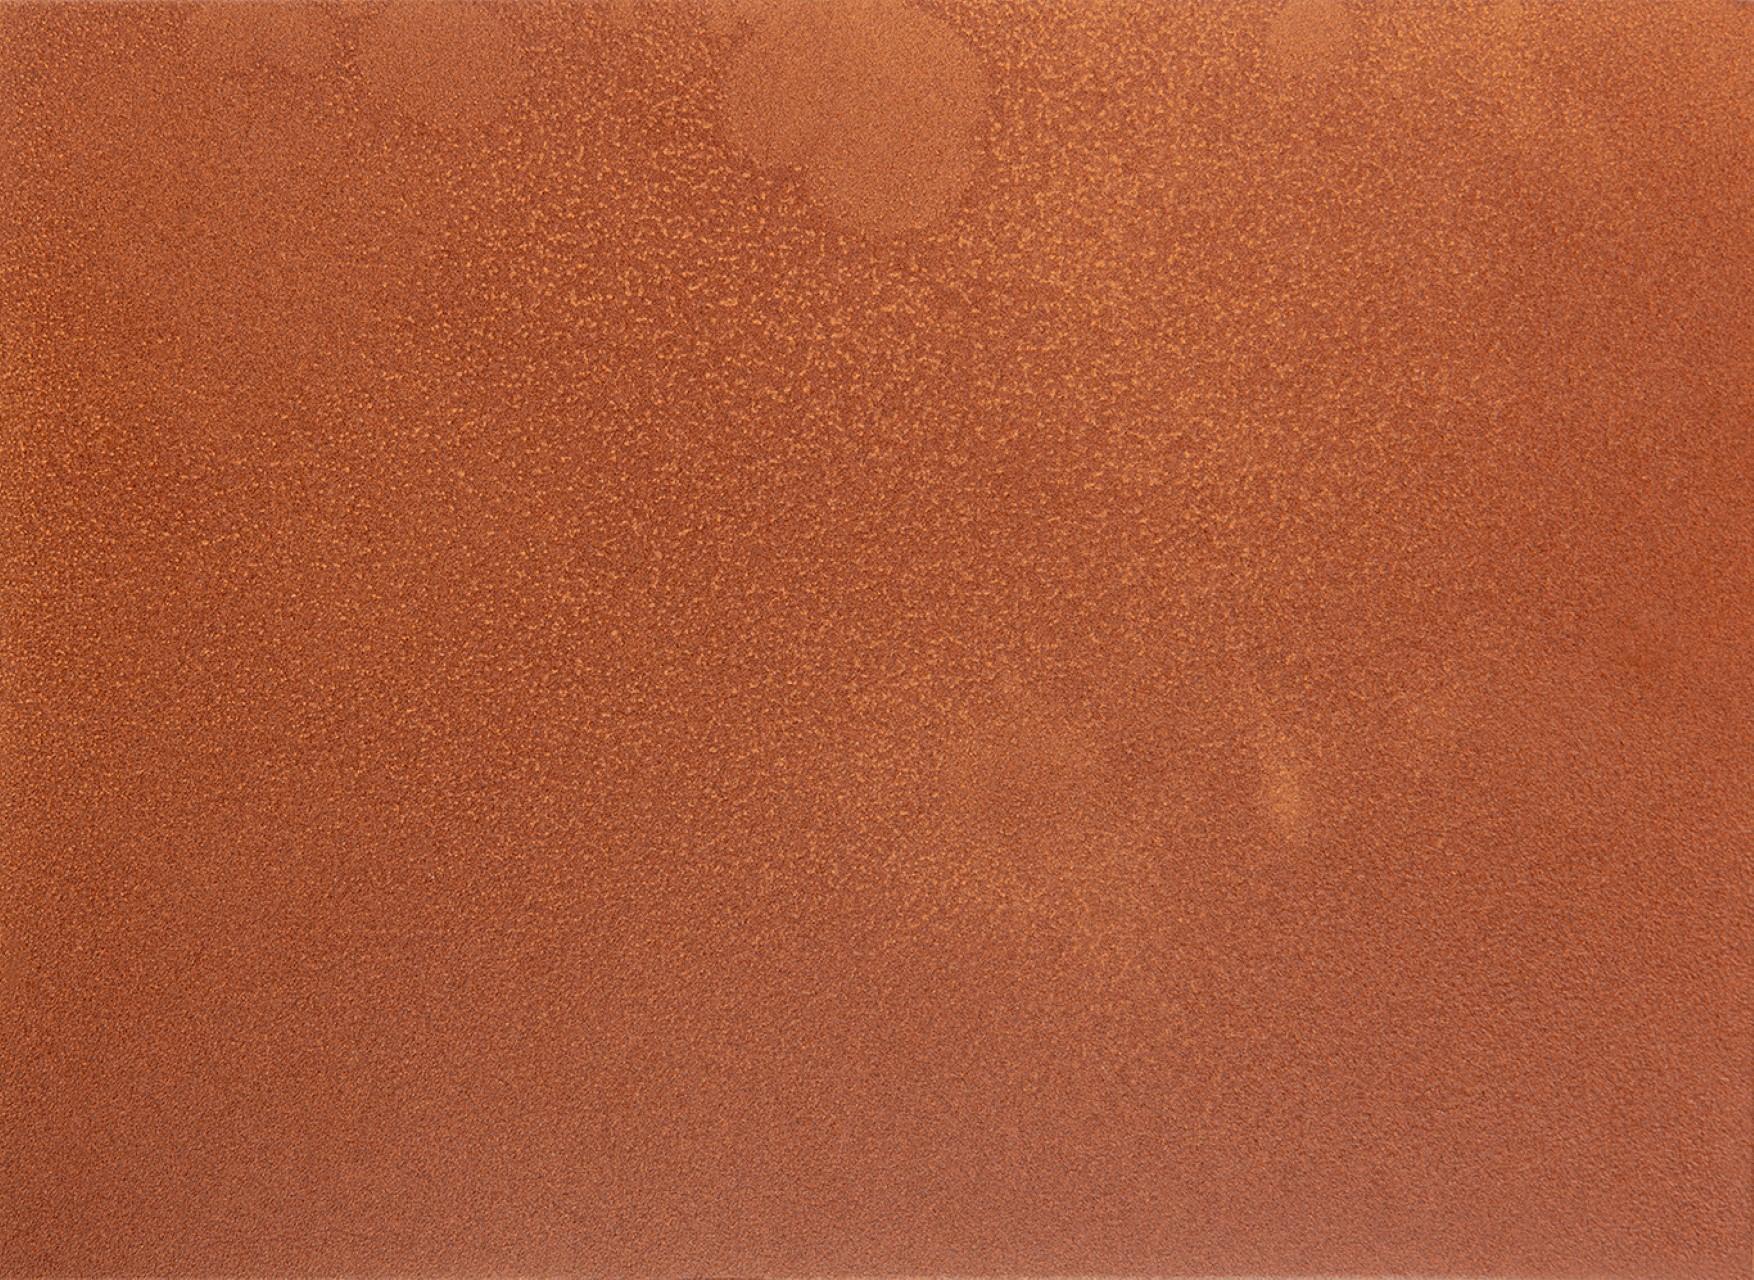 MD Durafol poedercoatsysteem corten steel look web